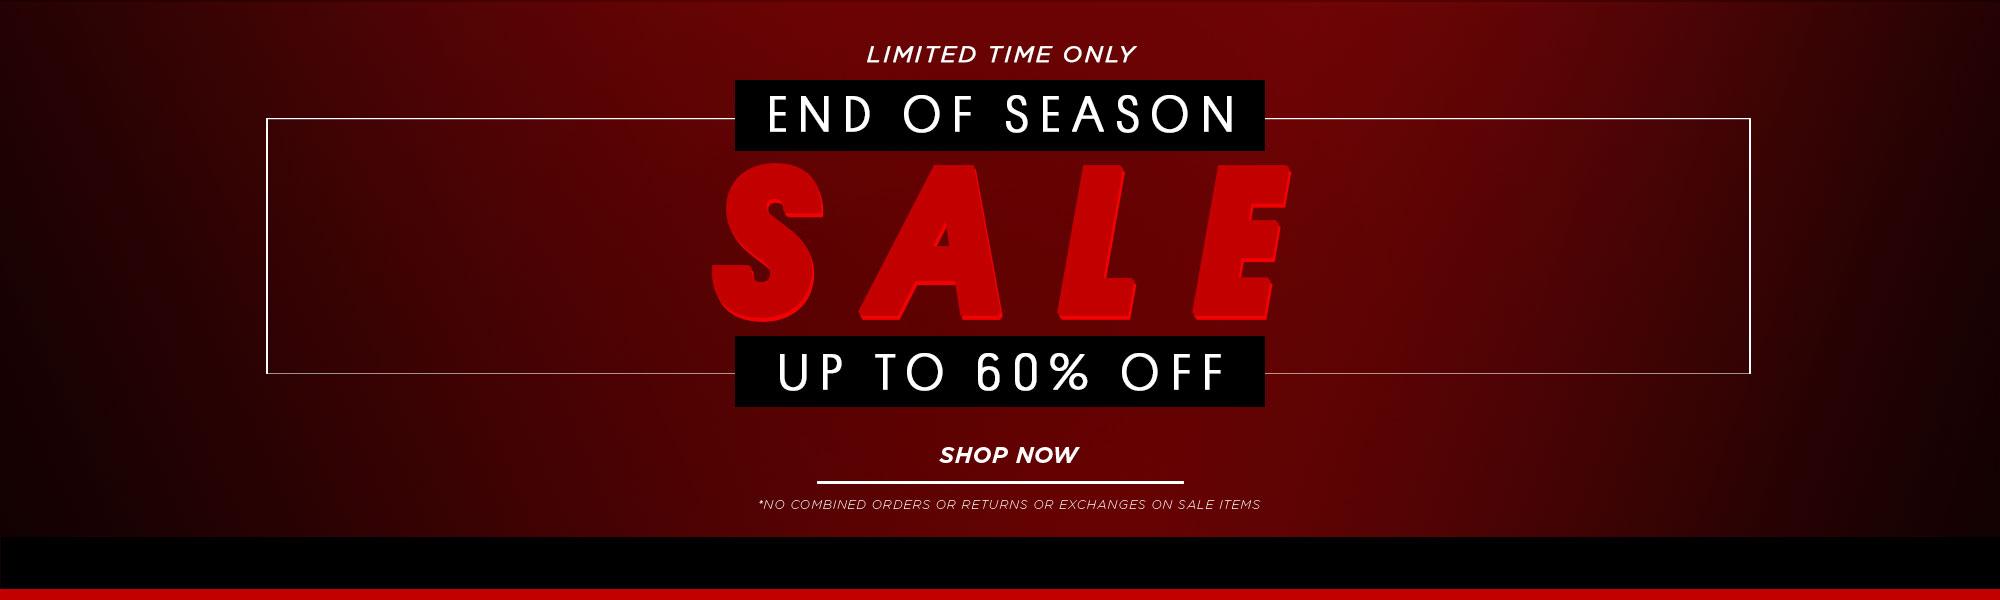 homepage-IMS-End-of-season-sale-2018-2.jpg